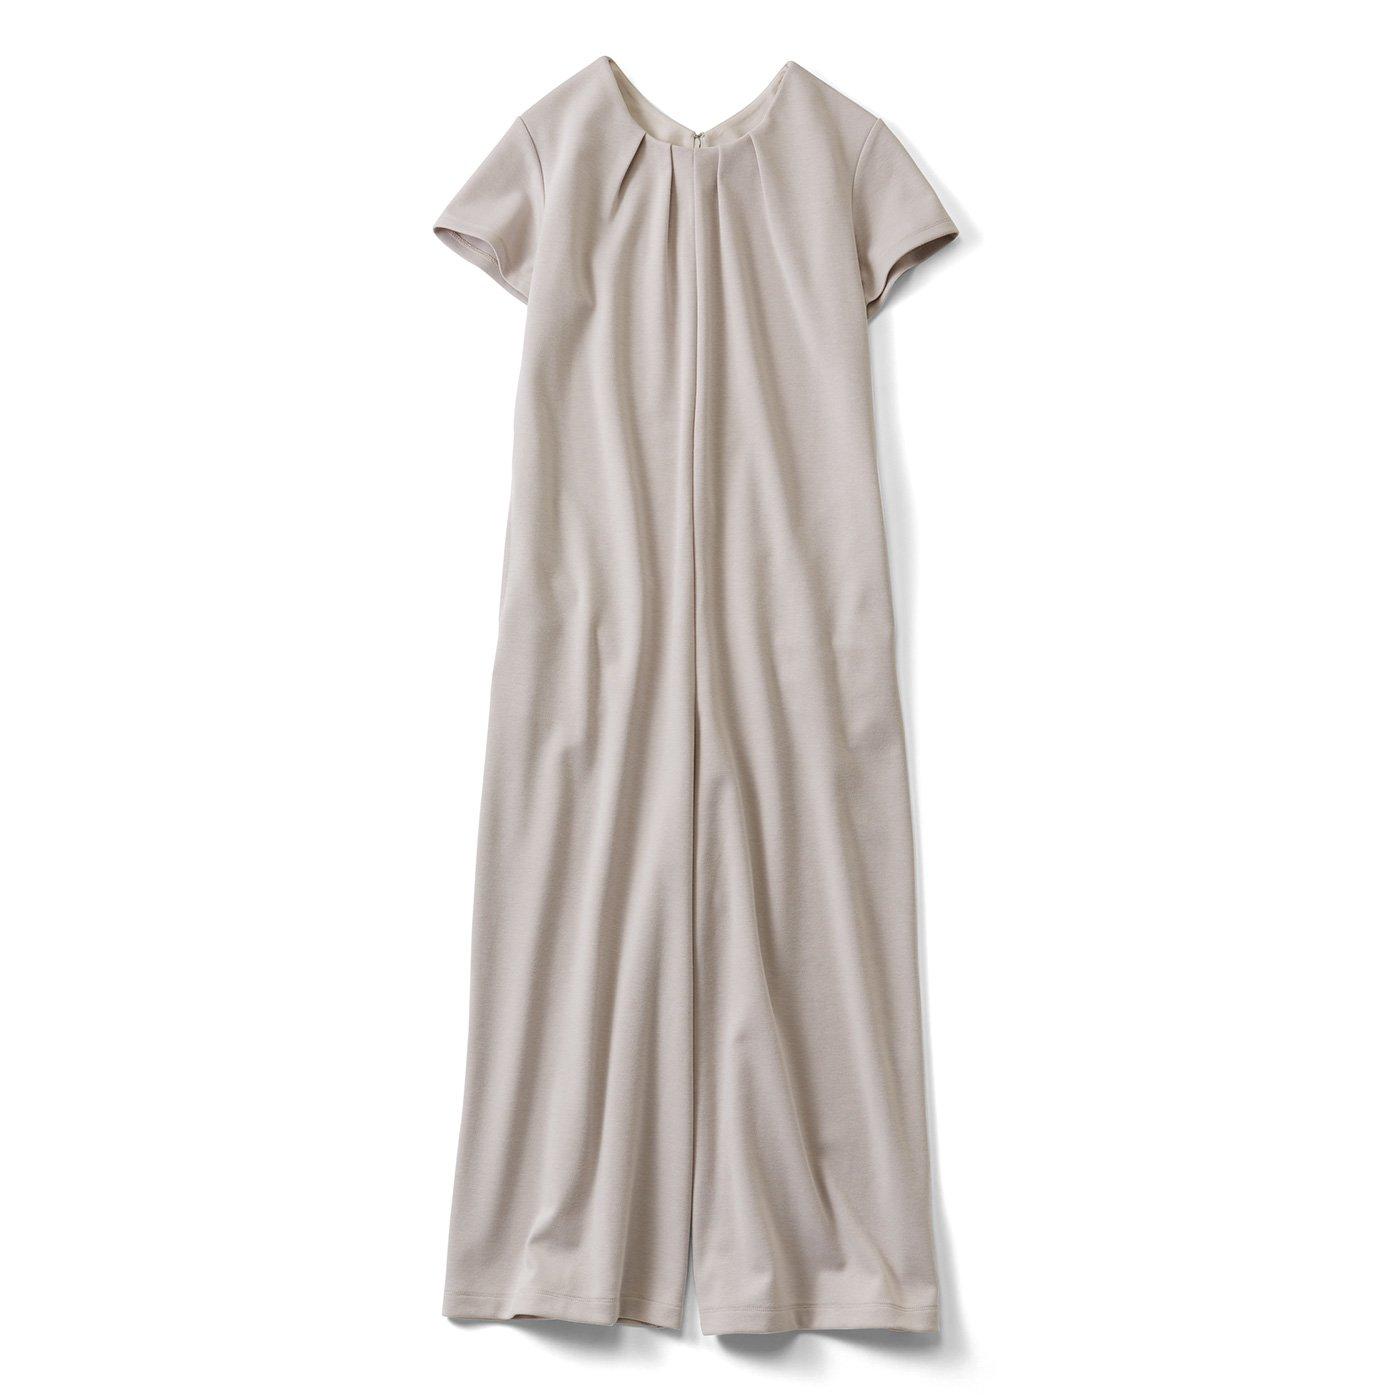 IEDIT[イディット] 大人にうれしい ワンピース感覚で着られる カットソーオールインワン〈グレイッシュベージュ〉